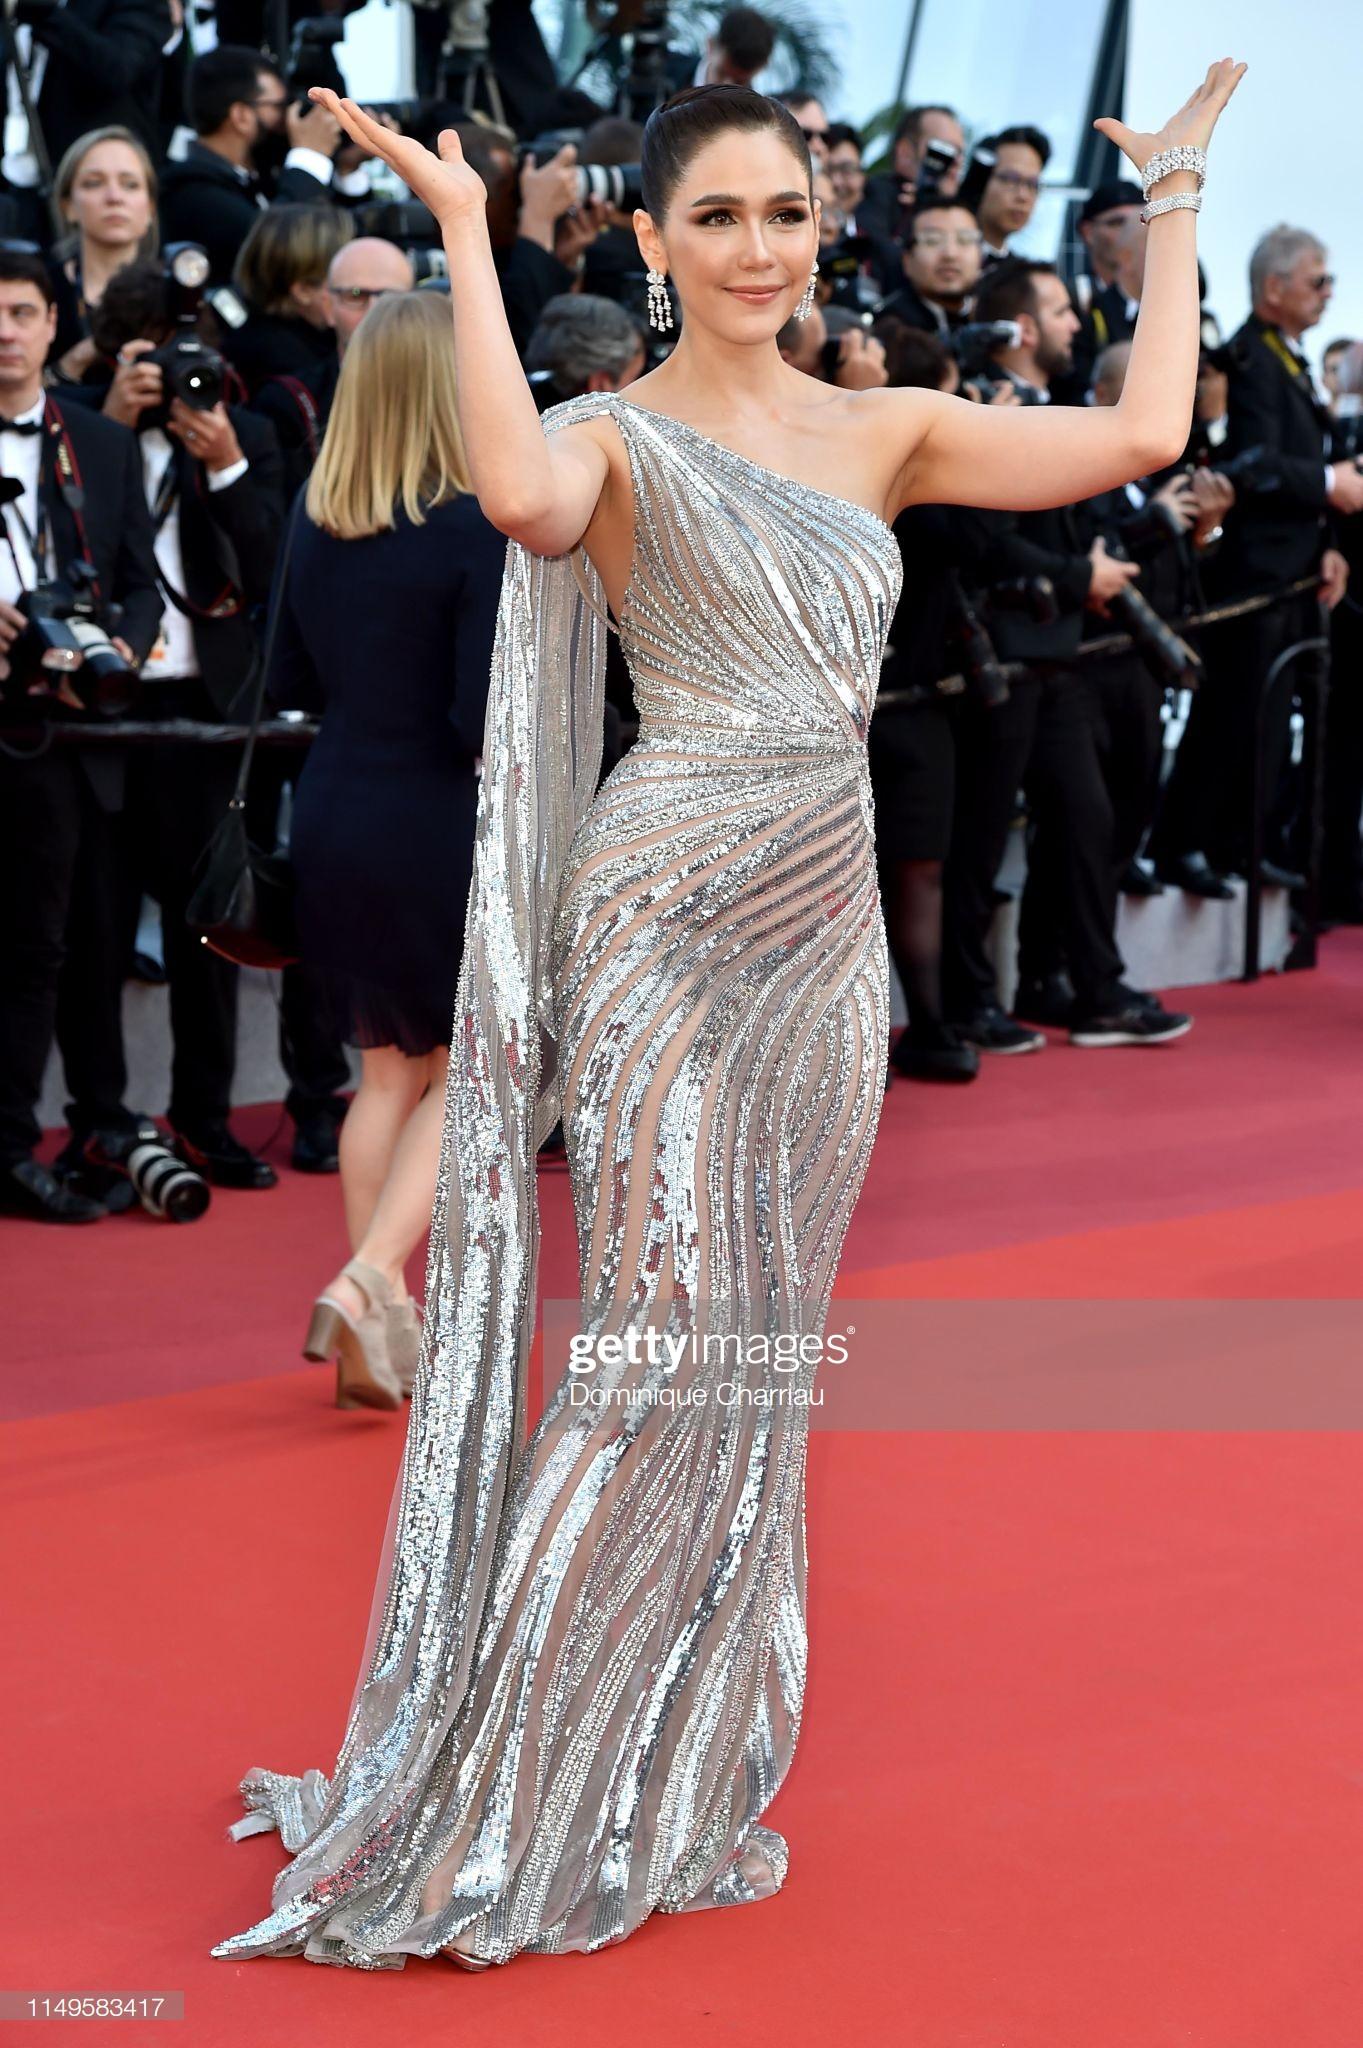 Thảm đỏ Cannes ngày 3: HLV The Face Thái Lan bất ngờ vùng lên chặt chém Bella Hadid cùng dàn mỹ nhân váy xẻ - Ảnh 18.